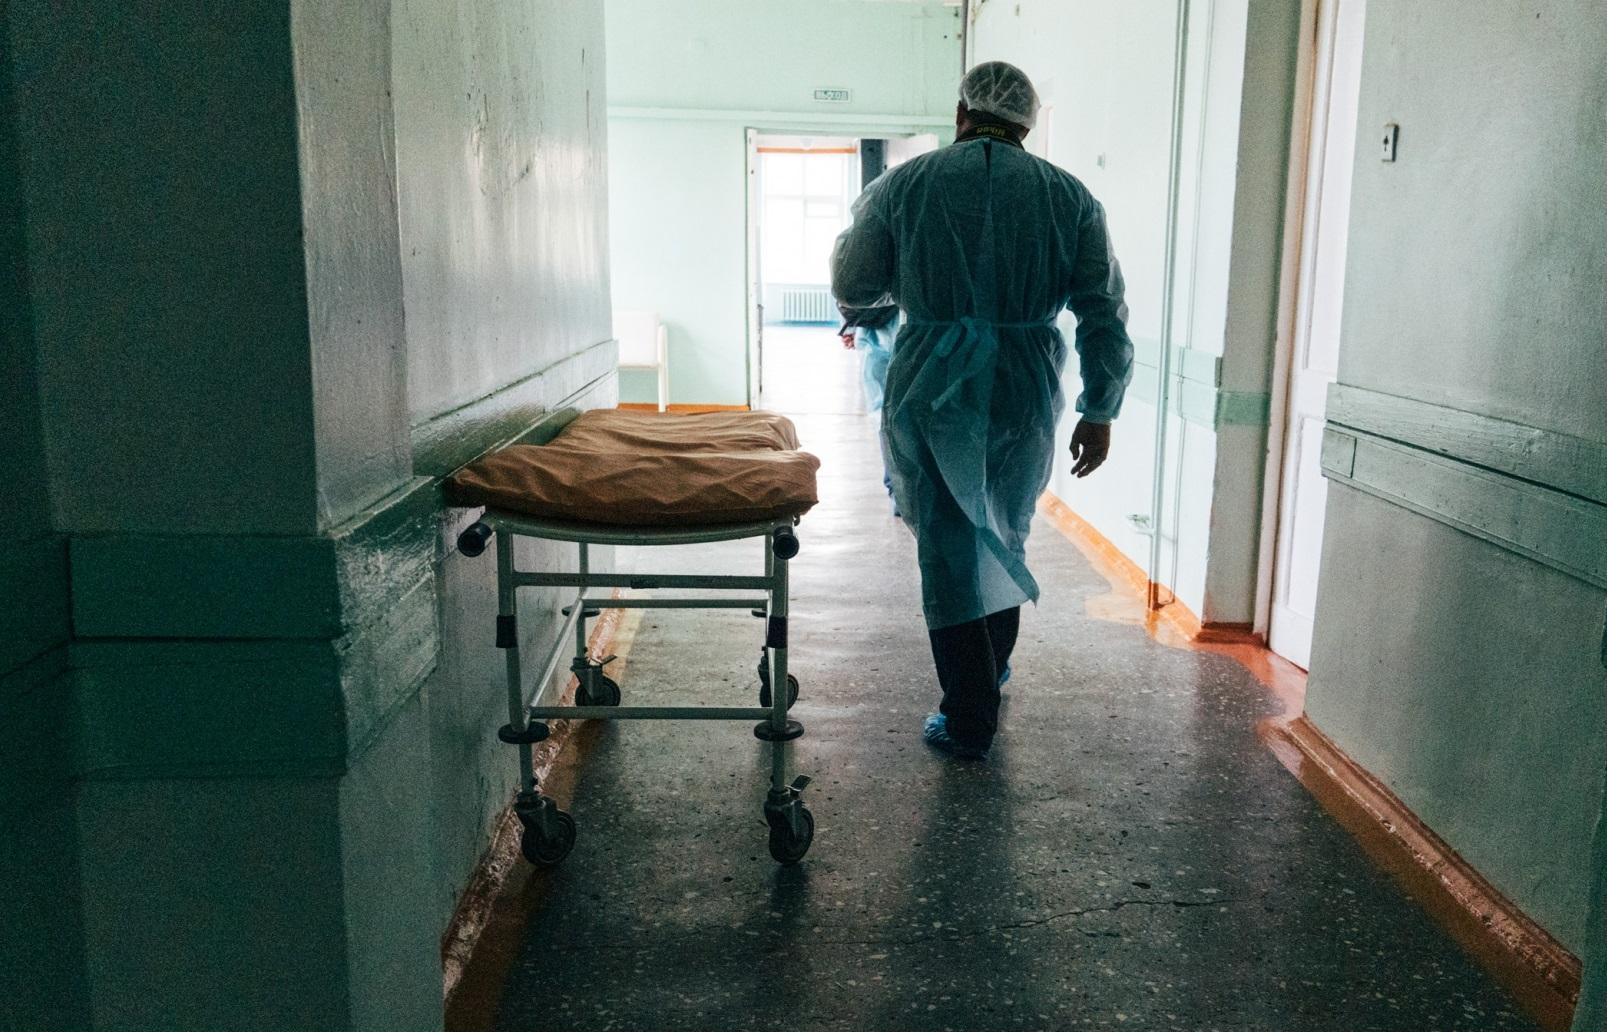 75 новых зараженных коронавирусом выявлены в Тверской области - новости Афанасий